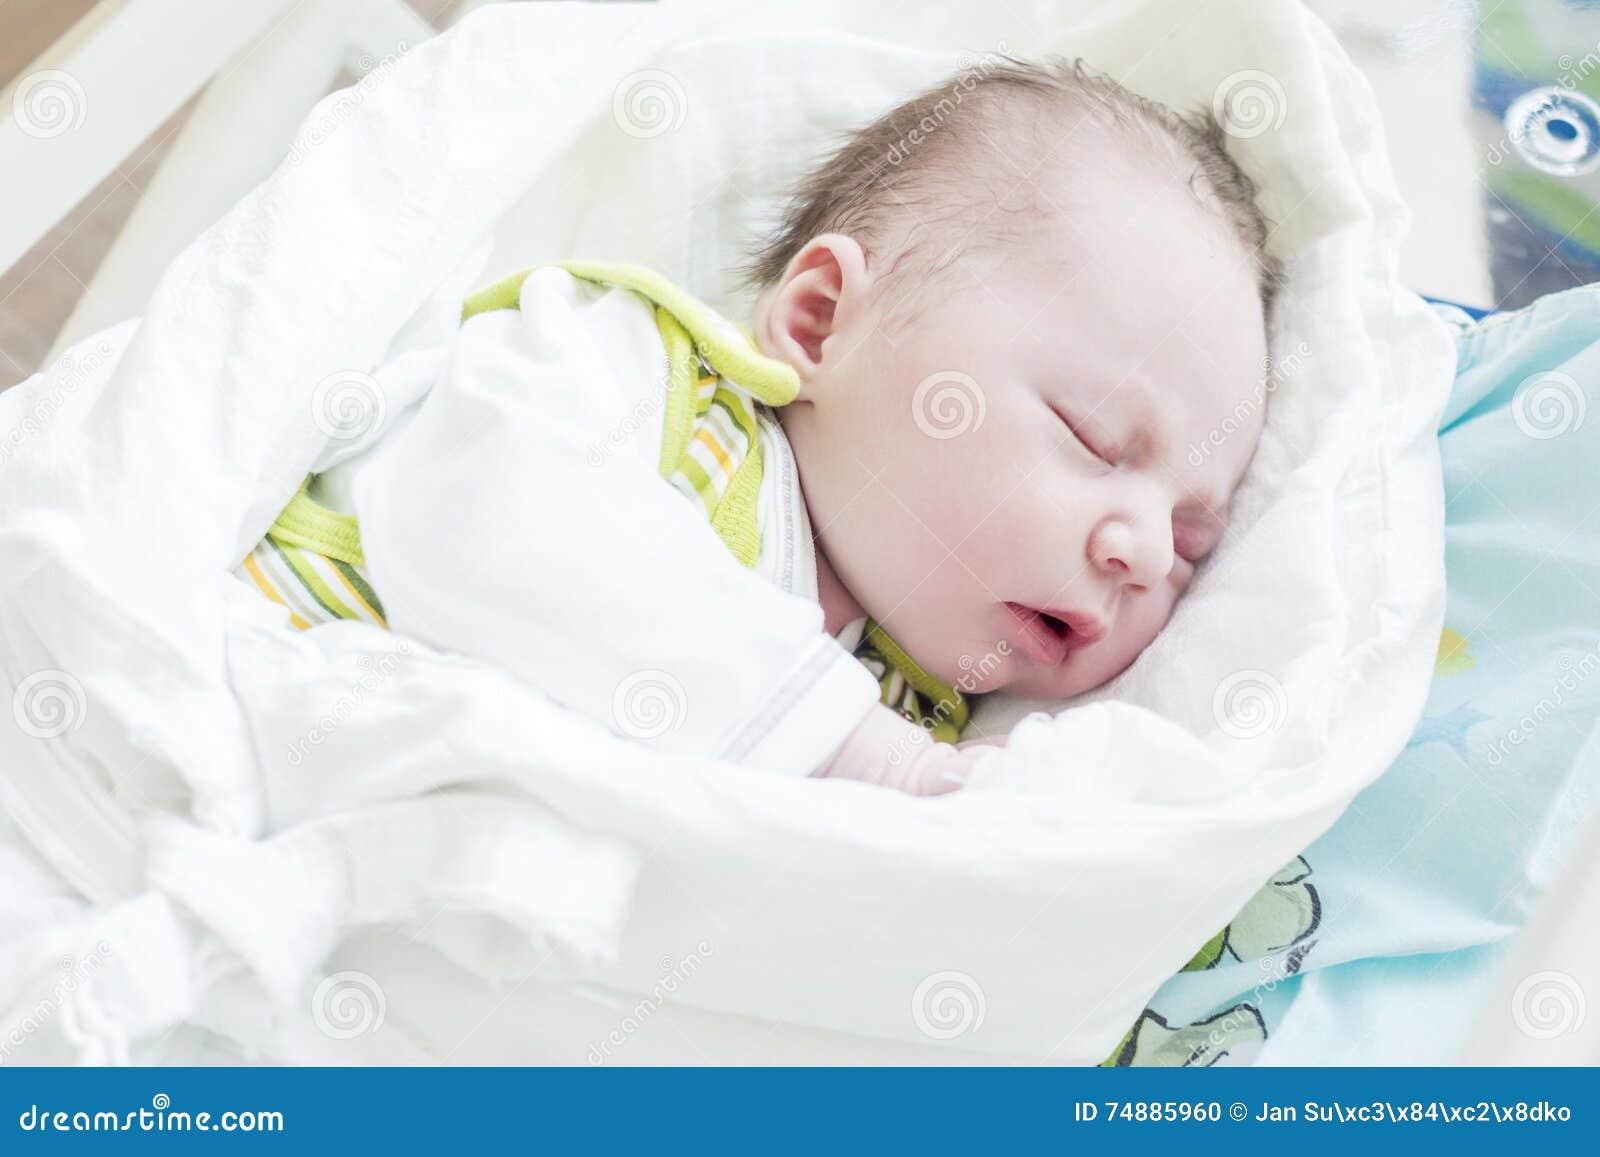 Sono da criança recém-nascida